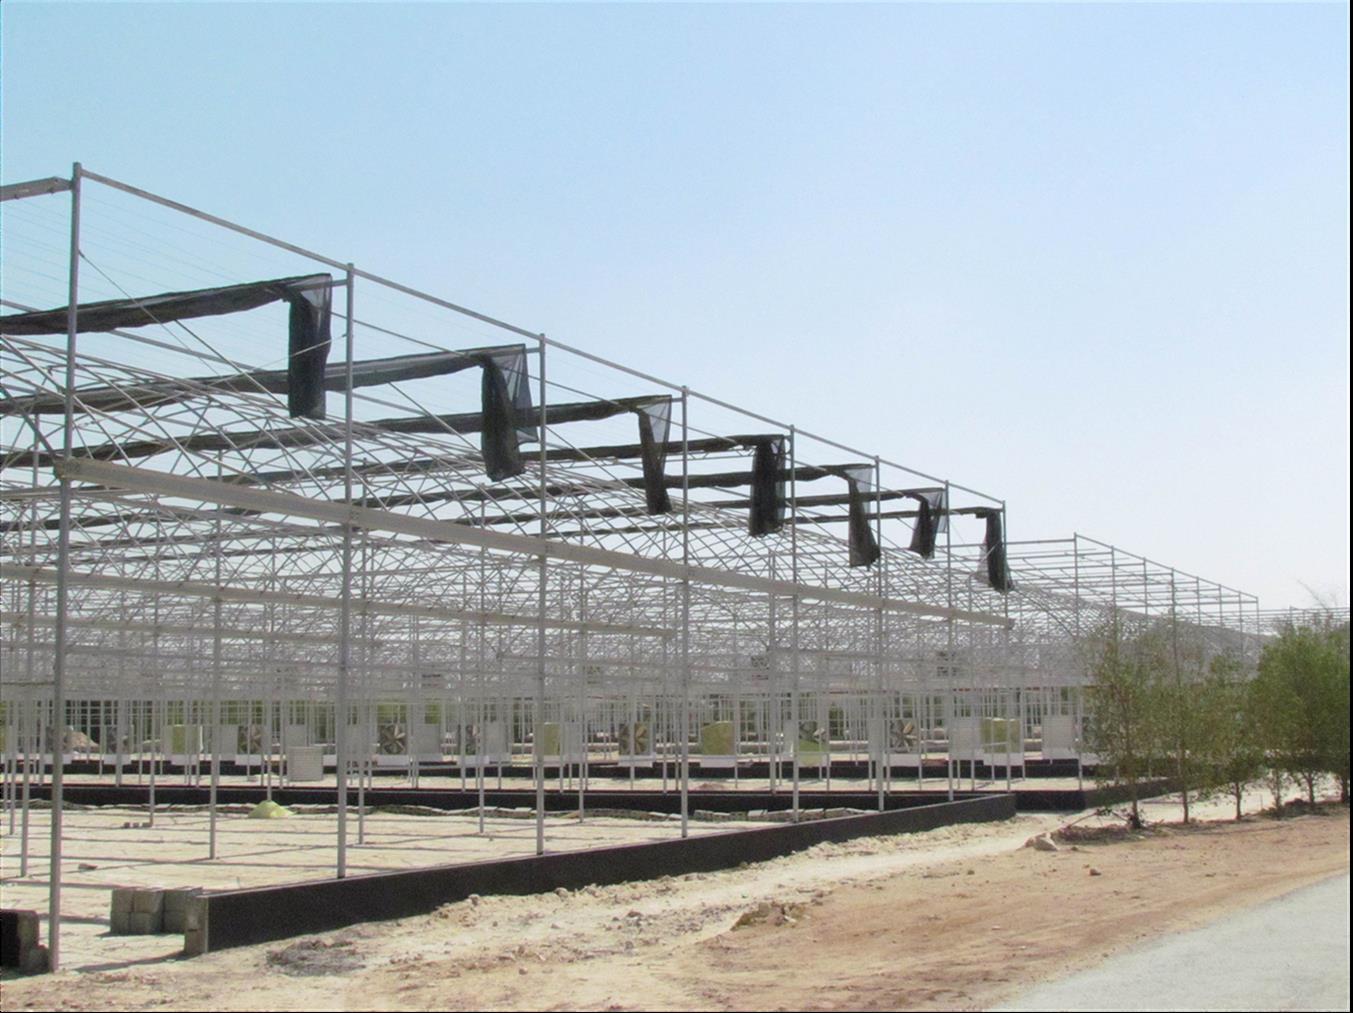 温室遮阳系统 温室大棚骨架配件 玻璃温室批发 阳光板温室 专业定制销售